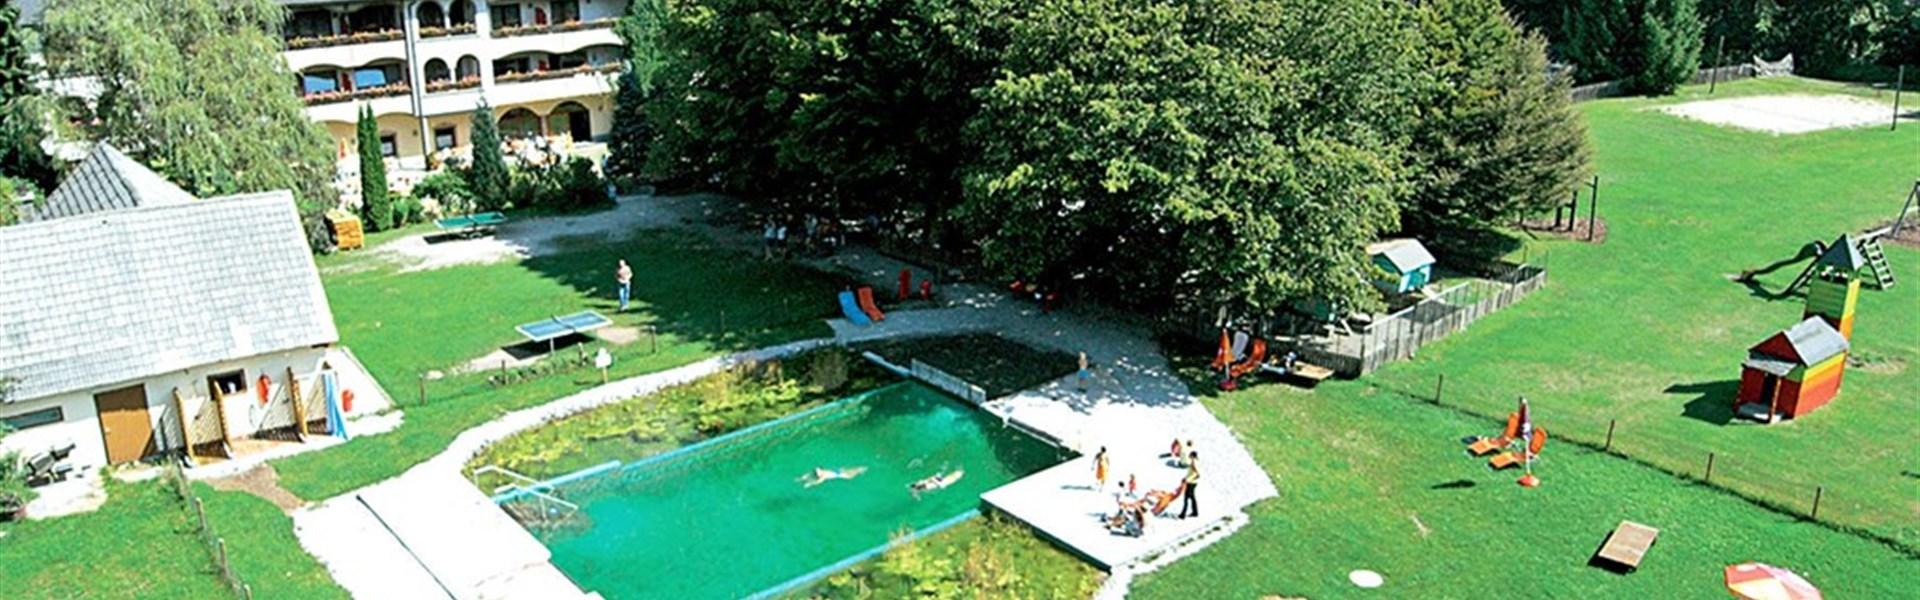 Familienpark Mittagskogel -